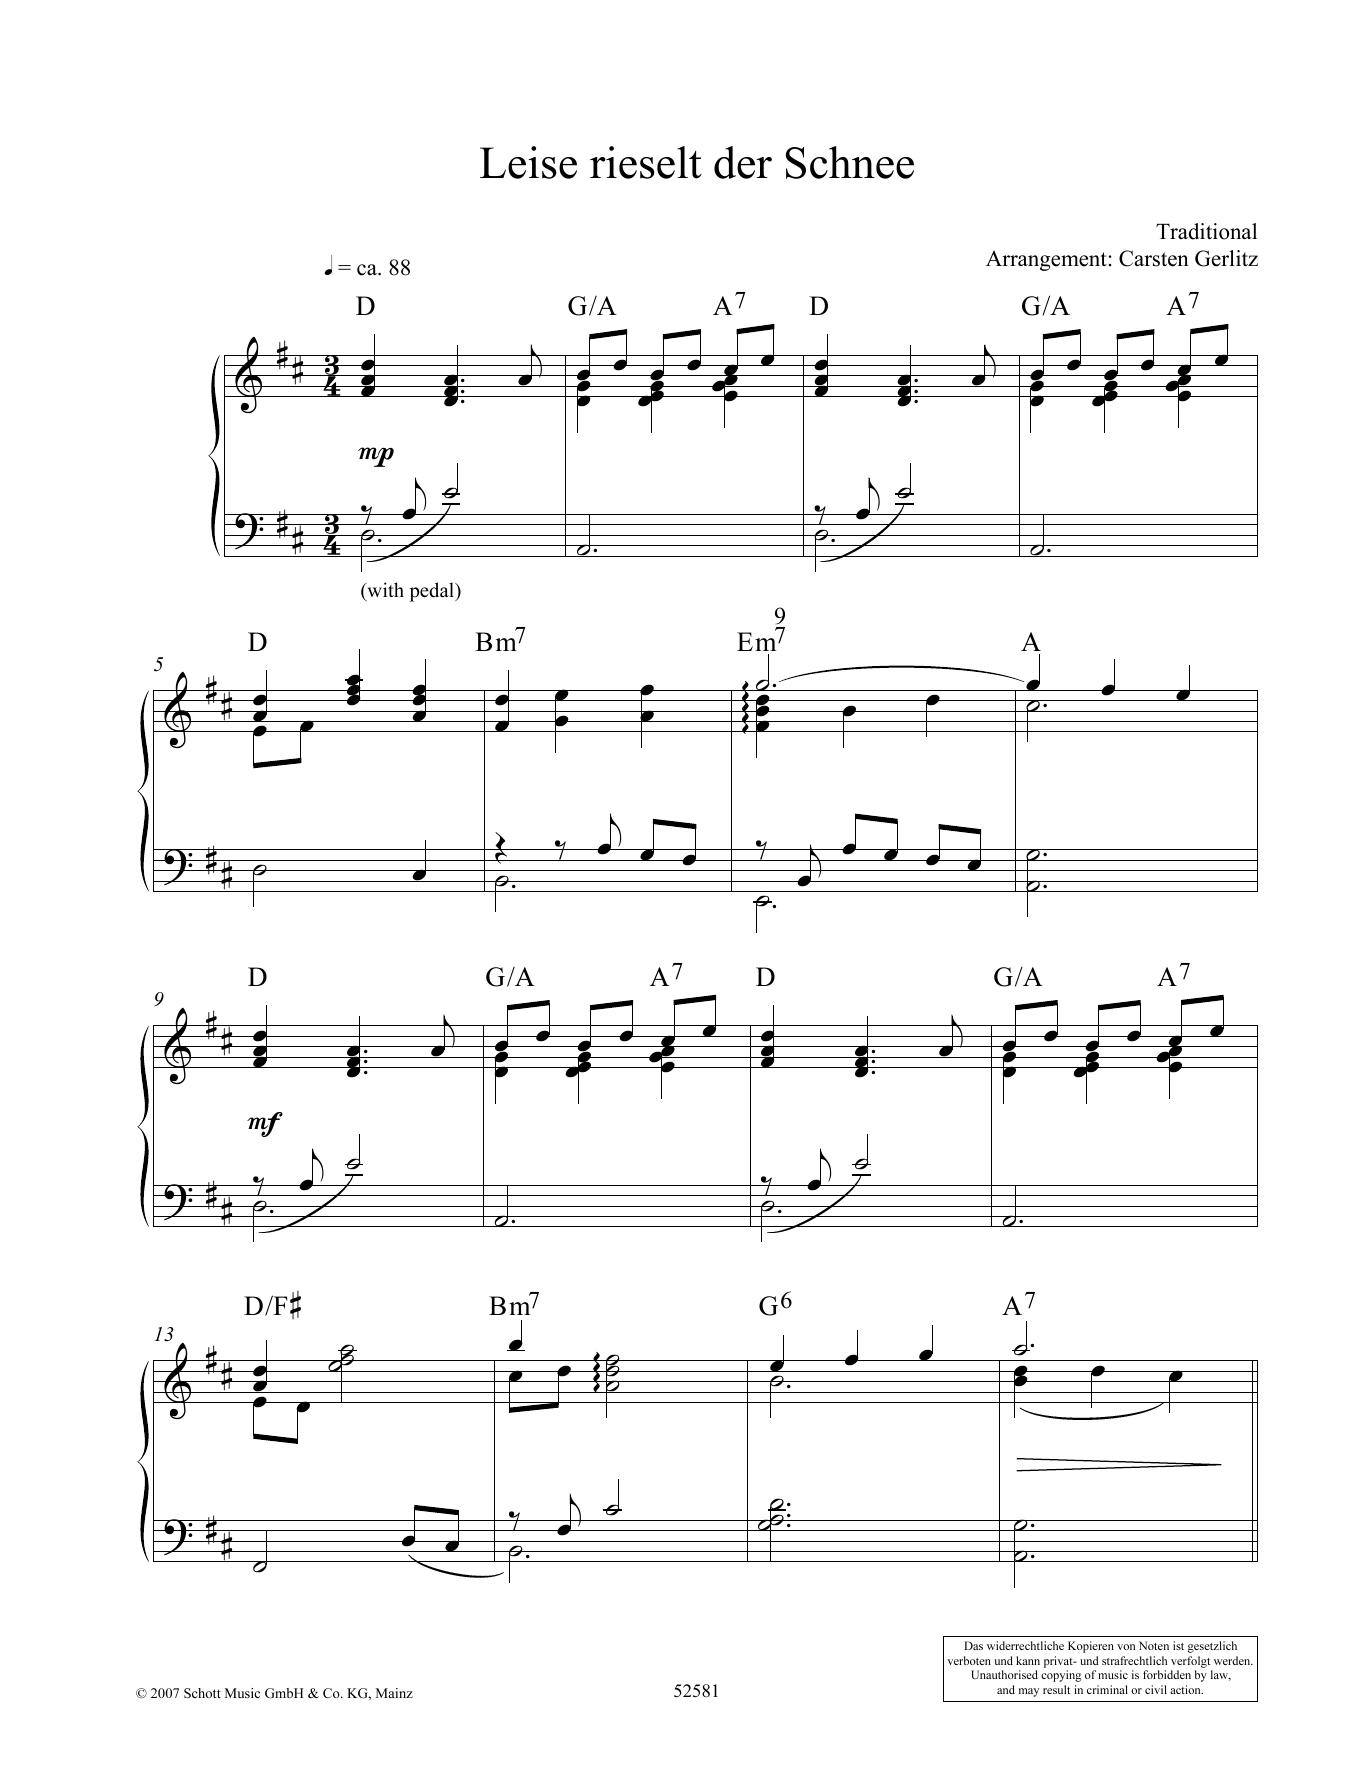 Leise Rieselt Der Schnee Noten | Carsten Gerlitz | Klavier Solo verwandt mit Leise Rieselt Der Schnee Noten Keyboard